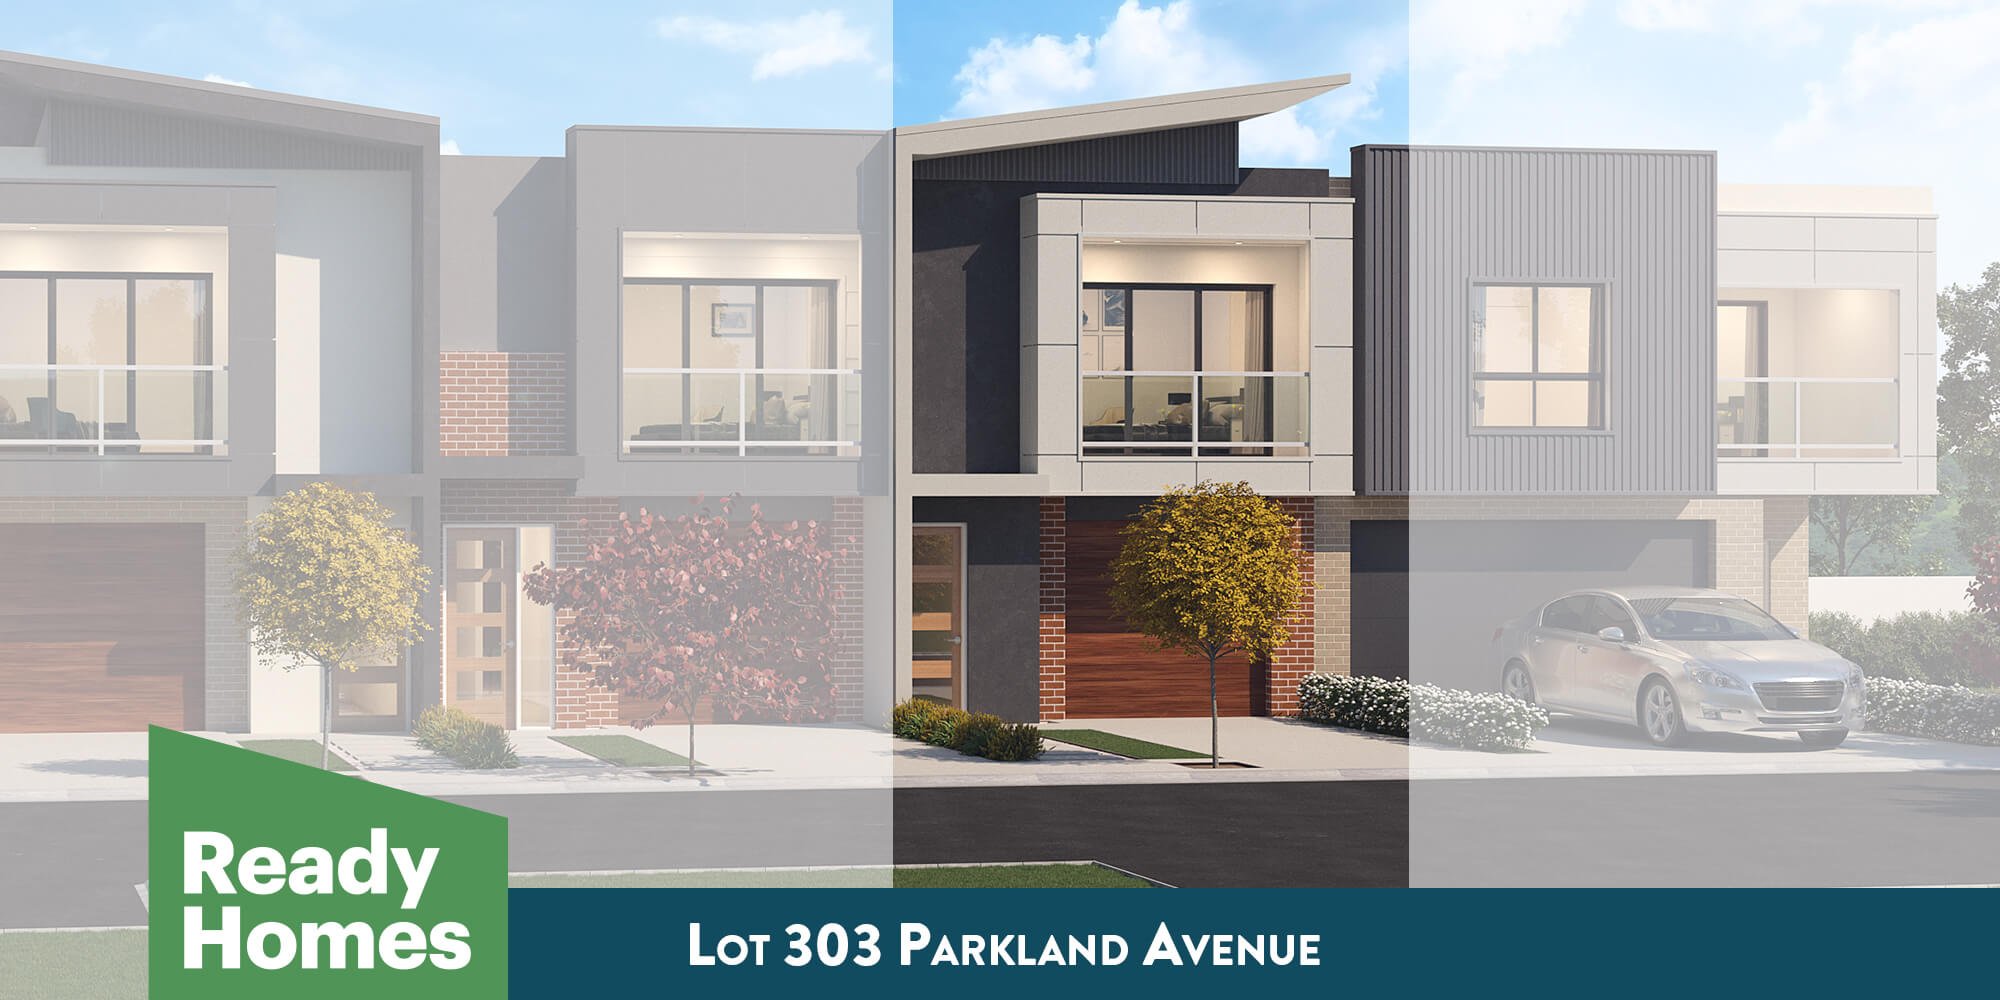 Lot 303 Parkland Avenue facade